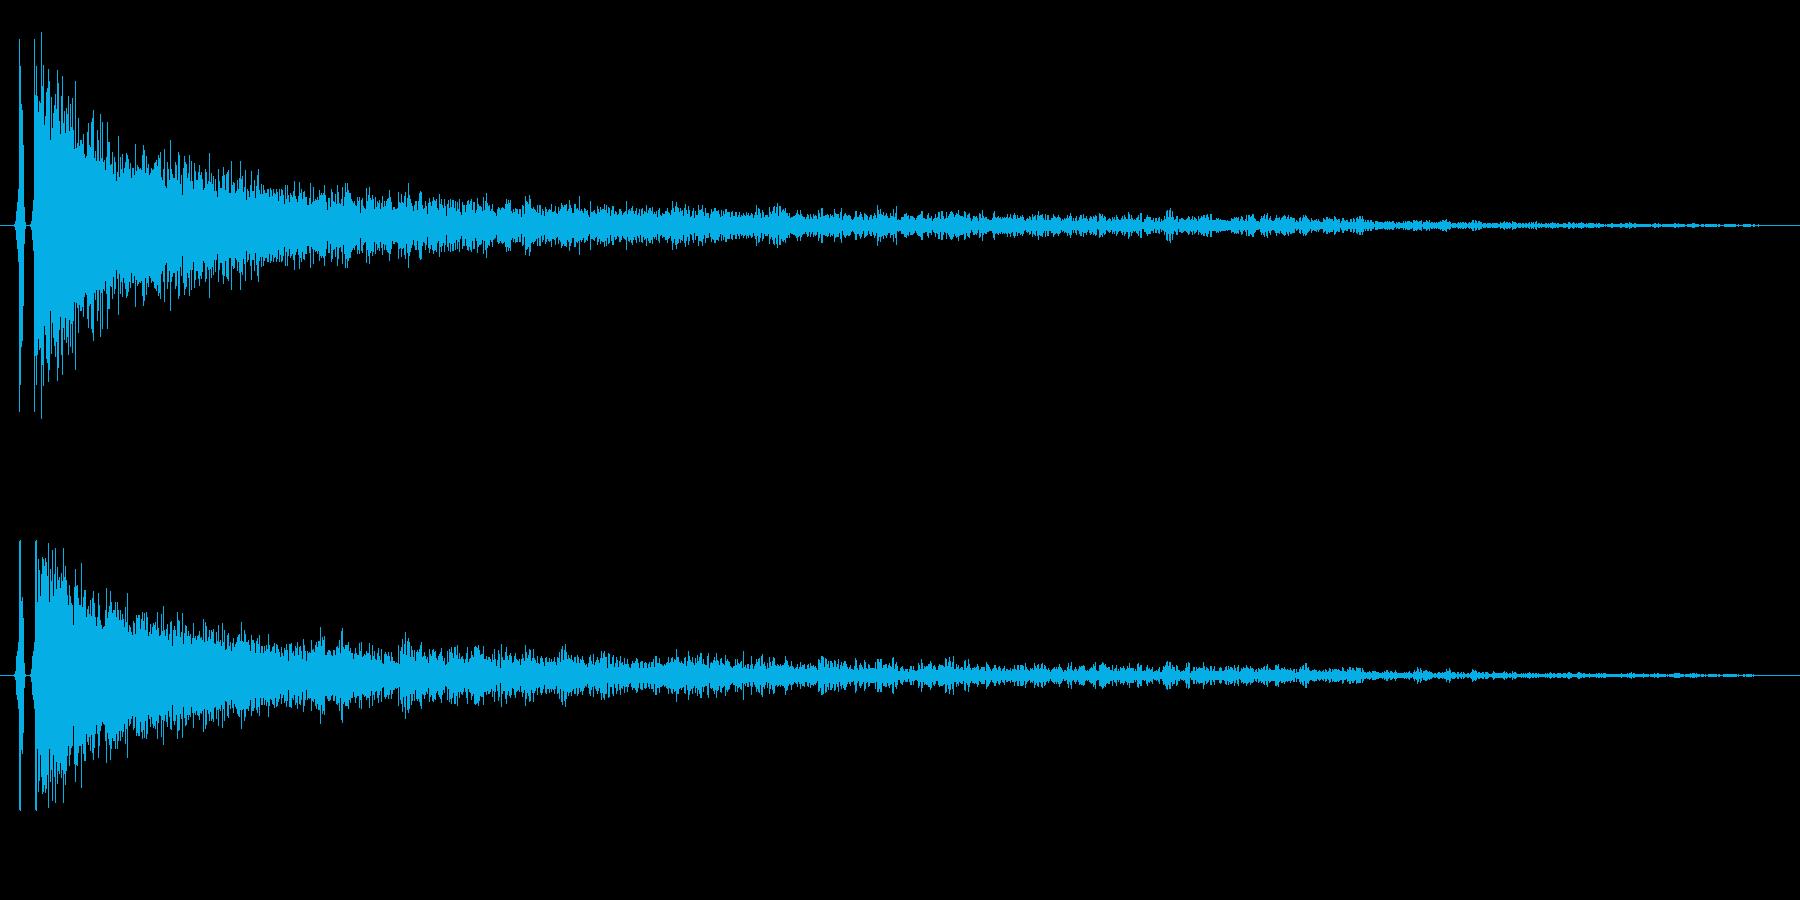 【チャイナシンバル1】中国風な演出に最適の再生済みの波形